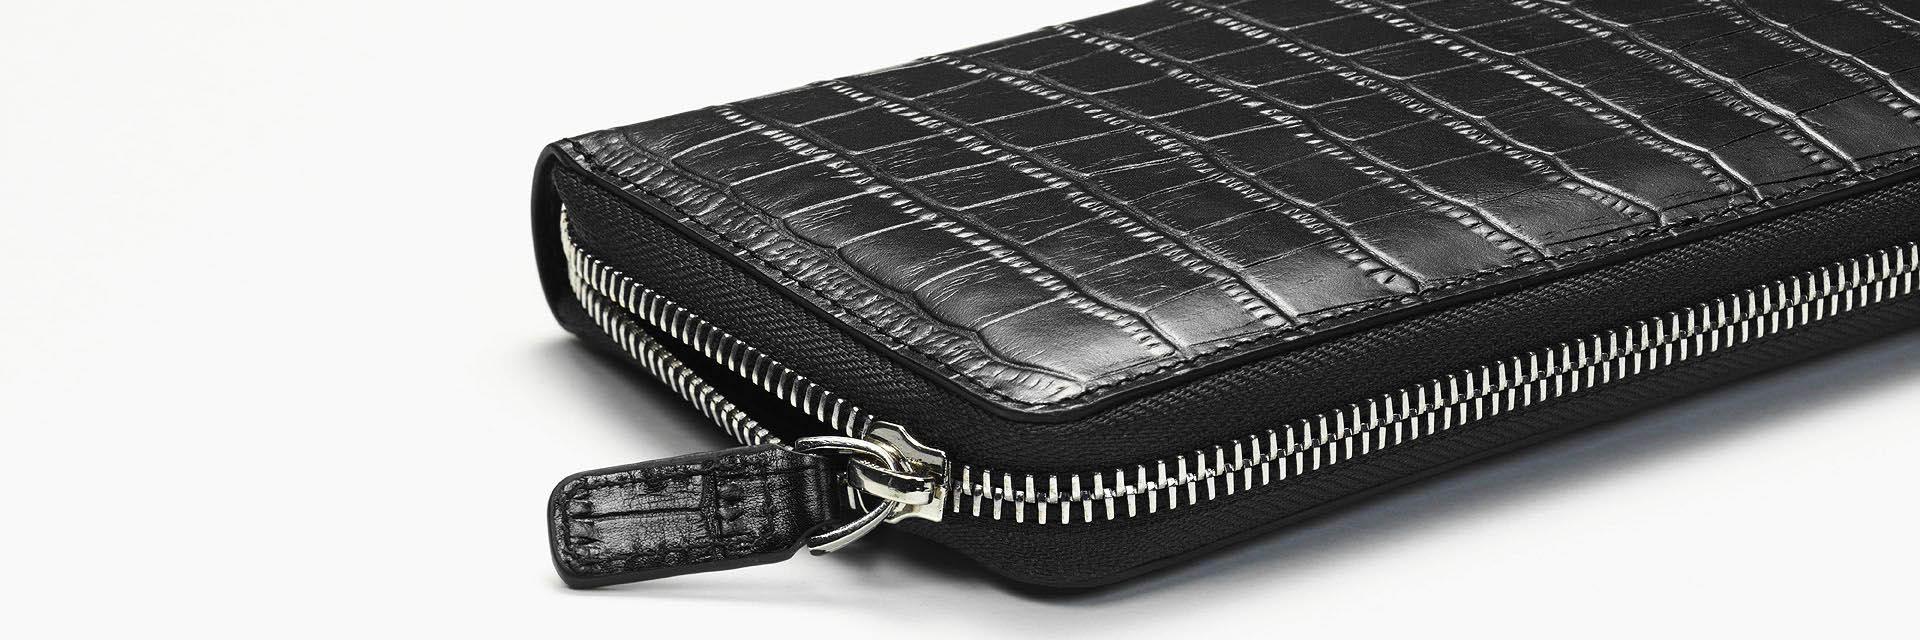 Alligator wallet close up